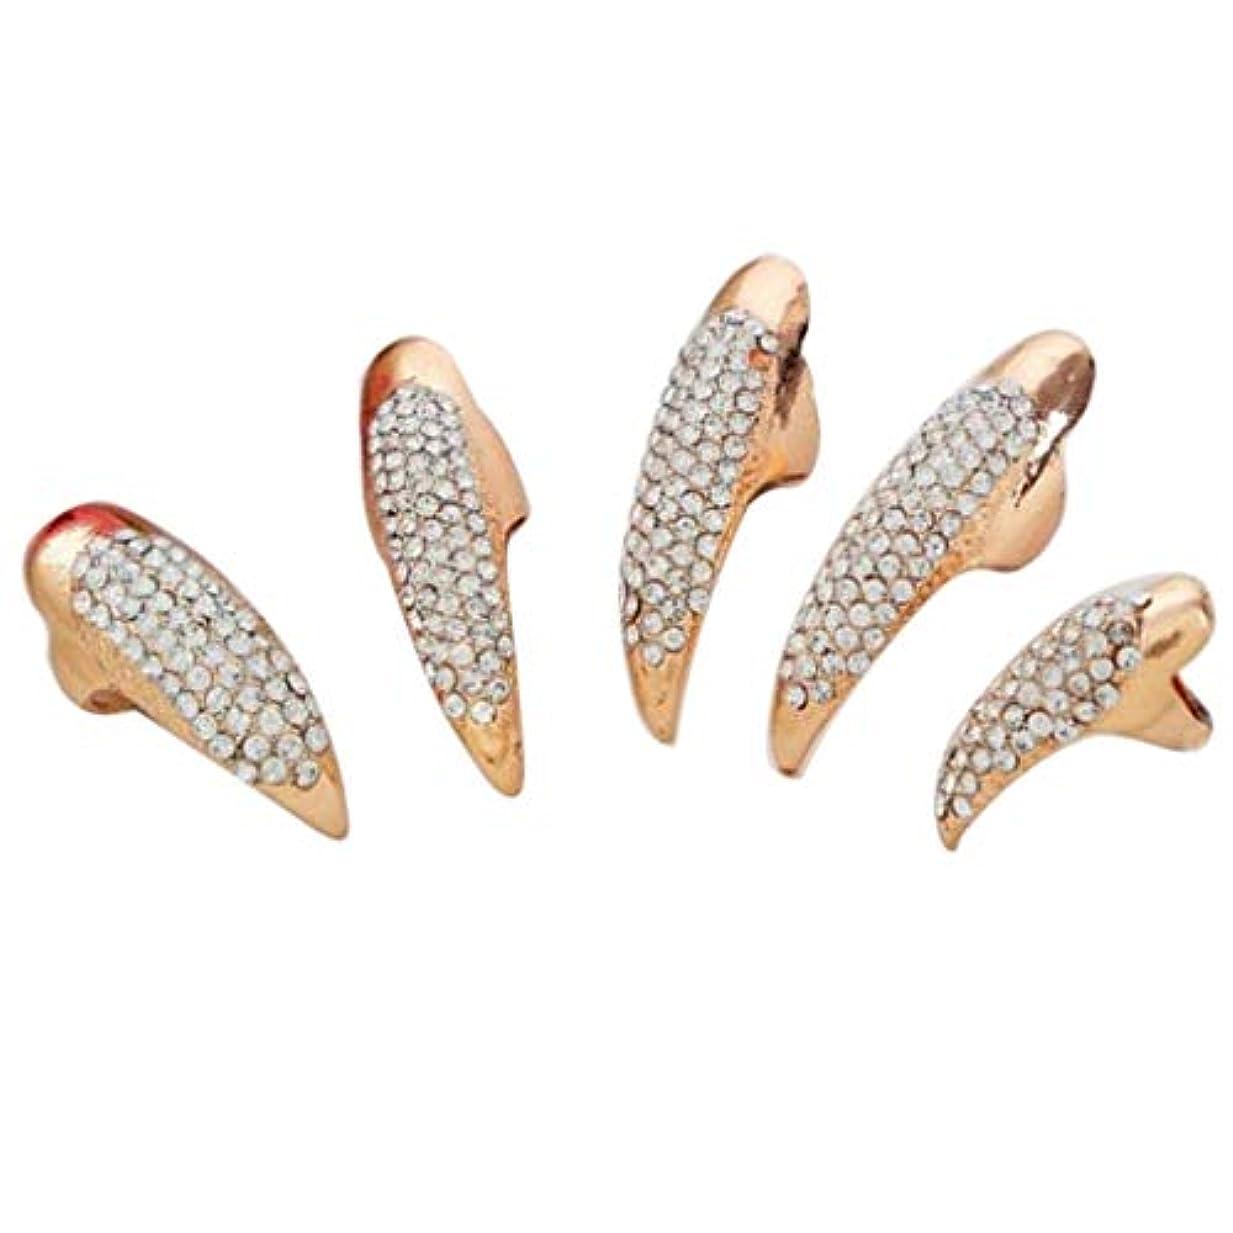 一貫性のないはがき靴ネイルアート ネイルリング 爪リング ネイルチップ 指先 爪の指輪 キラキラ 2色選べ - ゴールデン